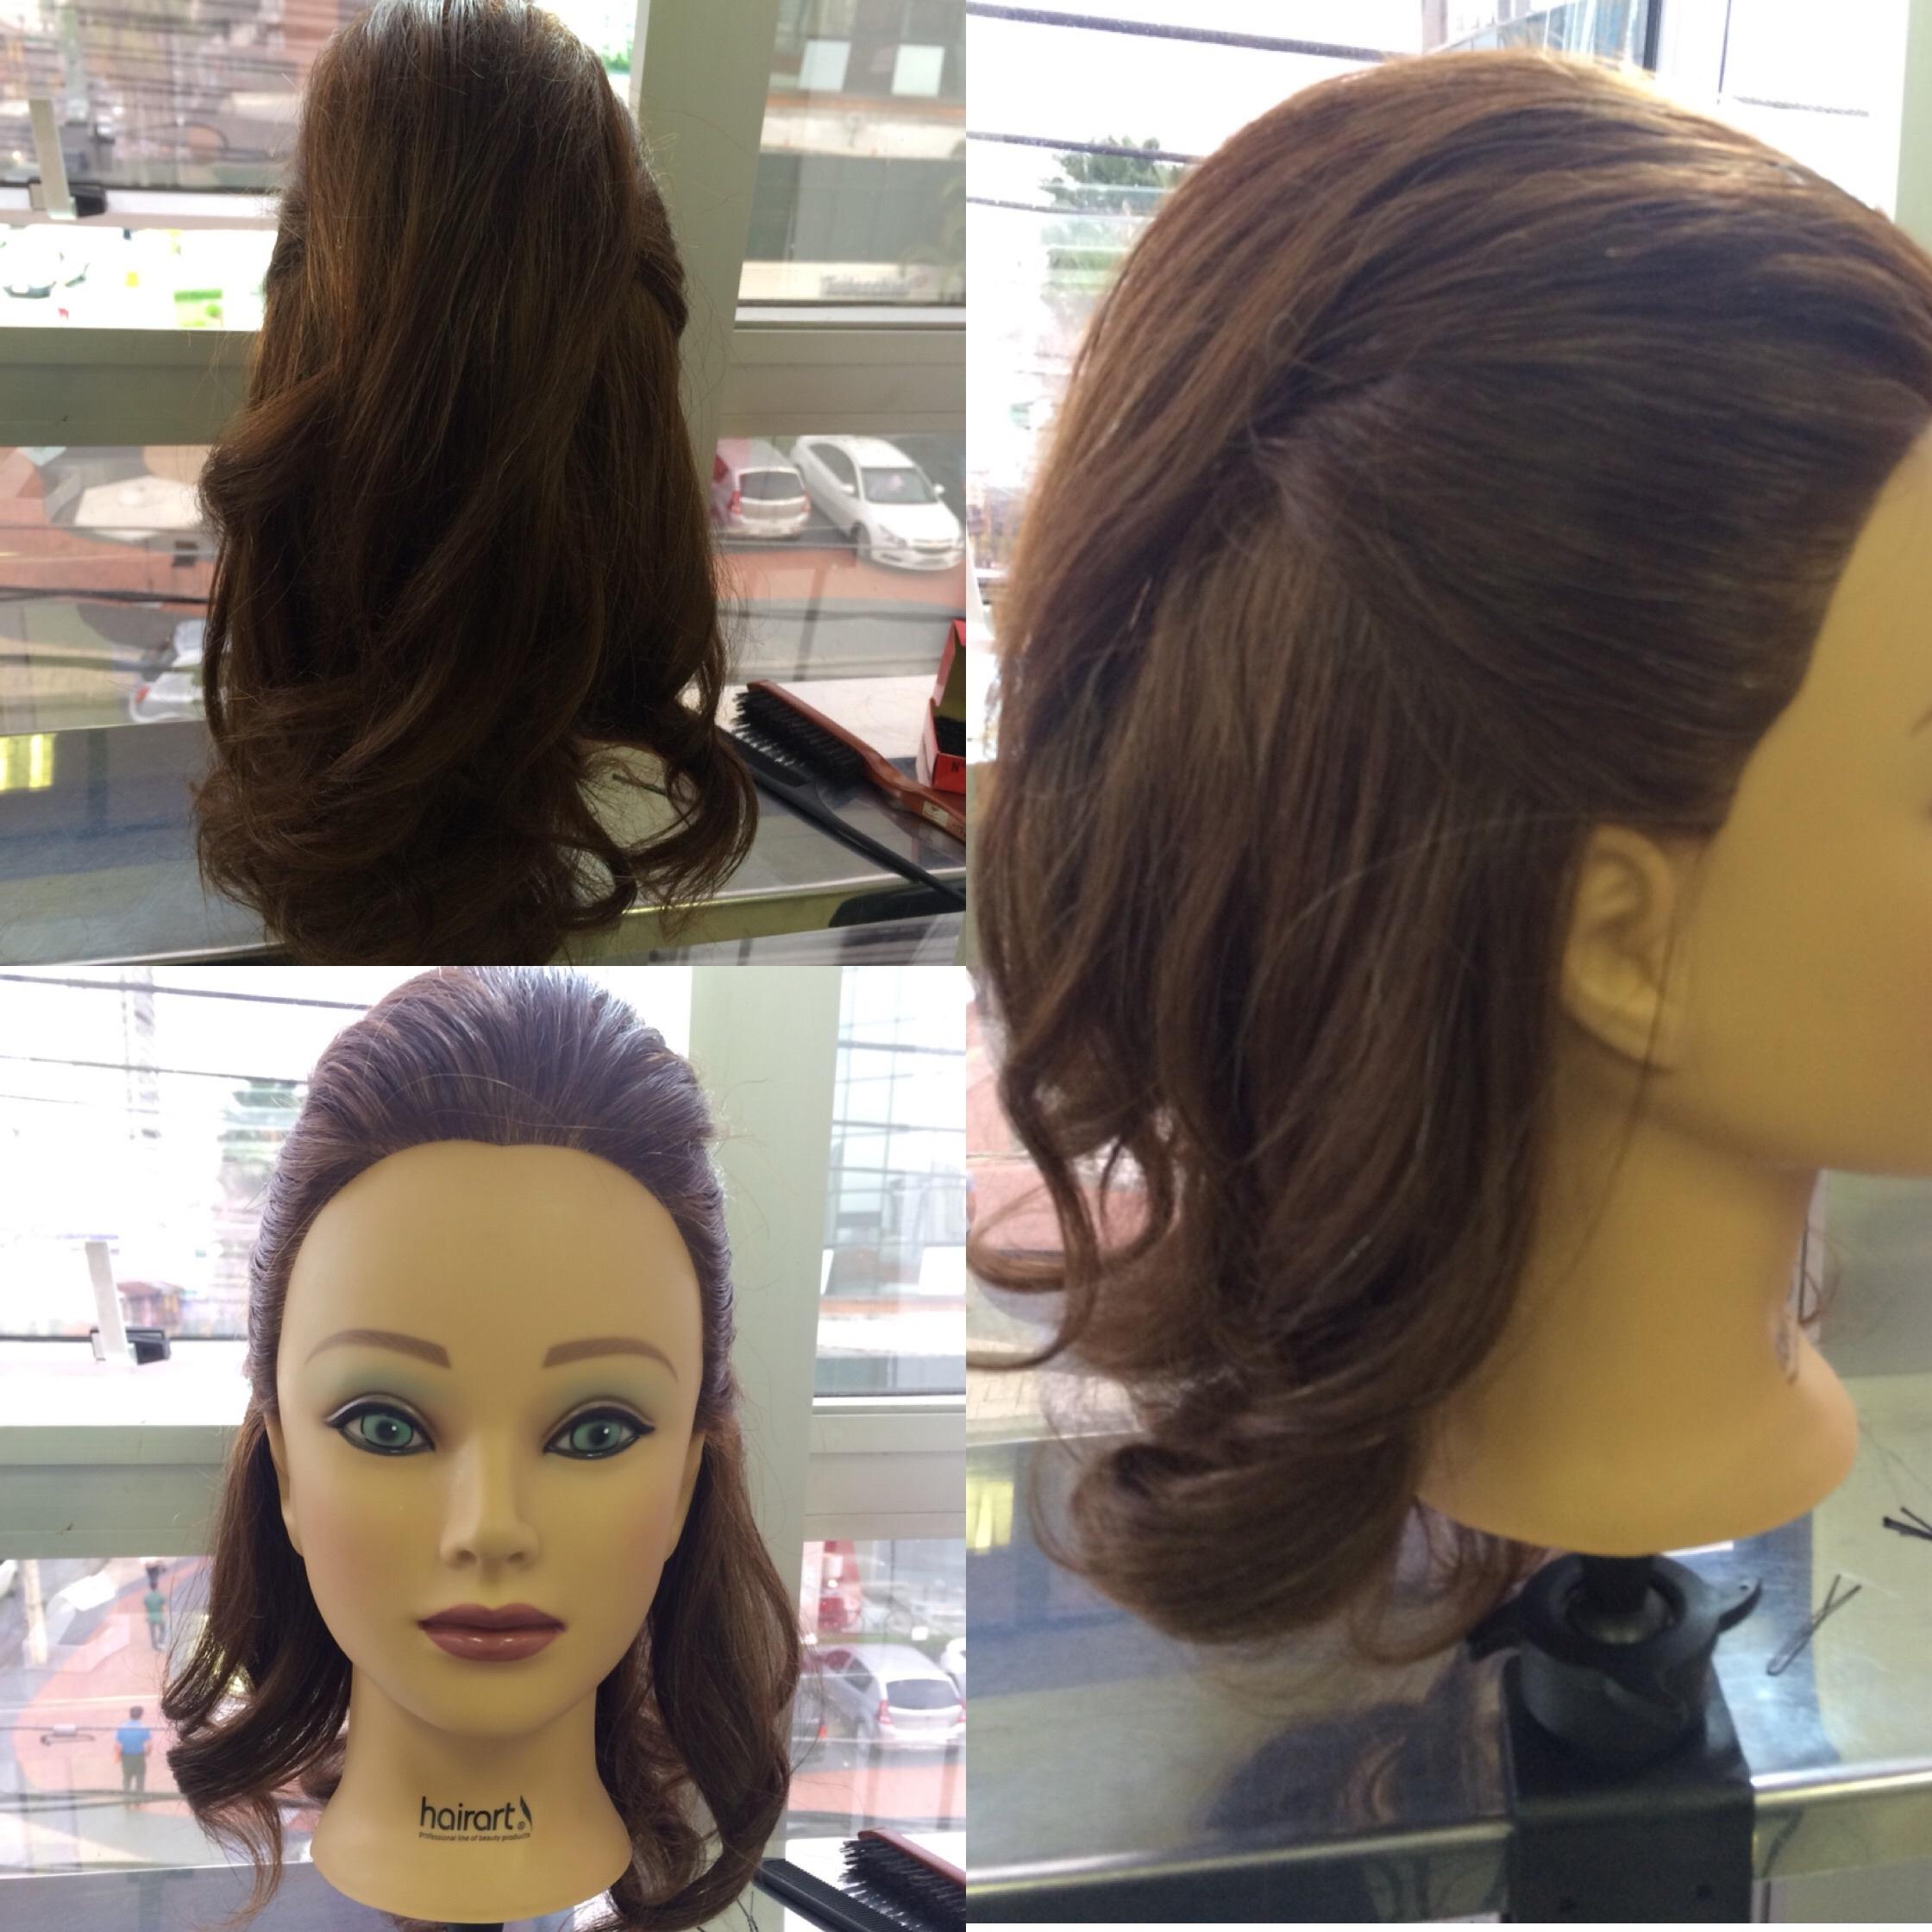 Penteado topete semi preso auxiliar cabeleireiro(a)